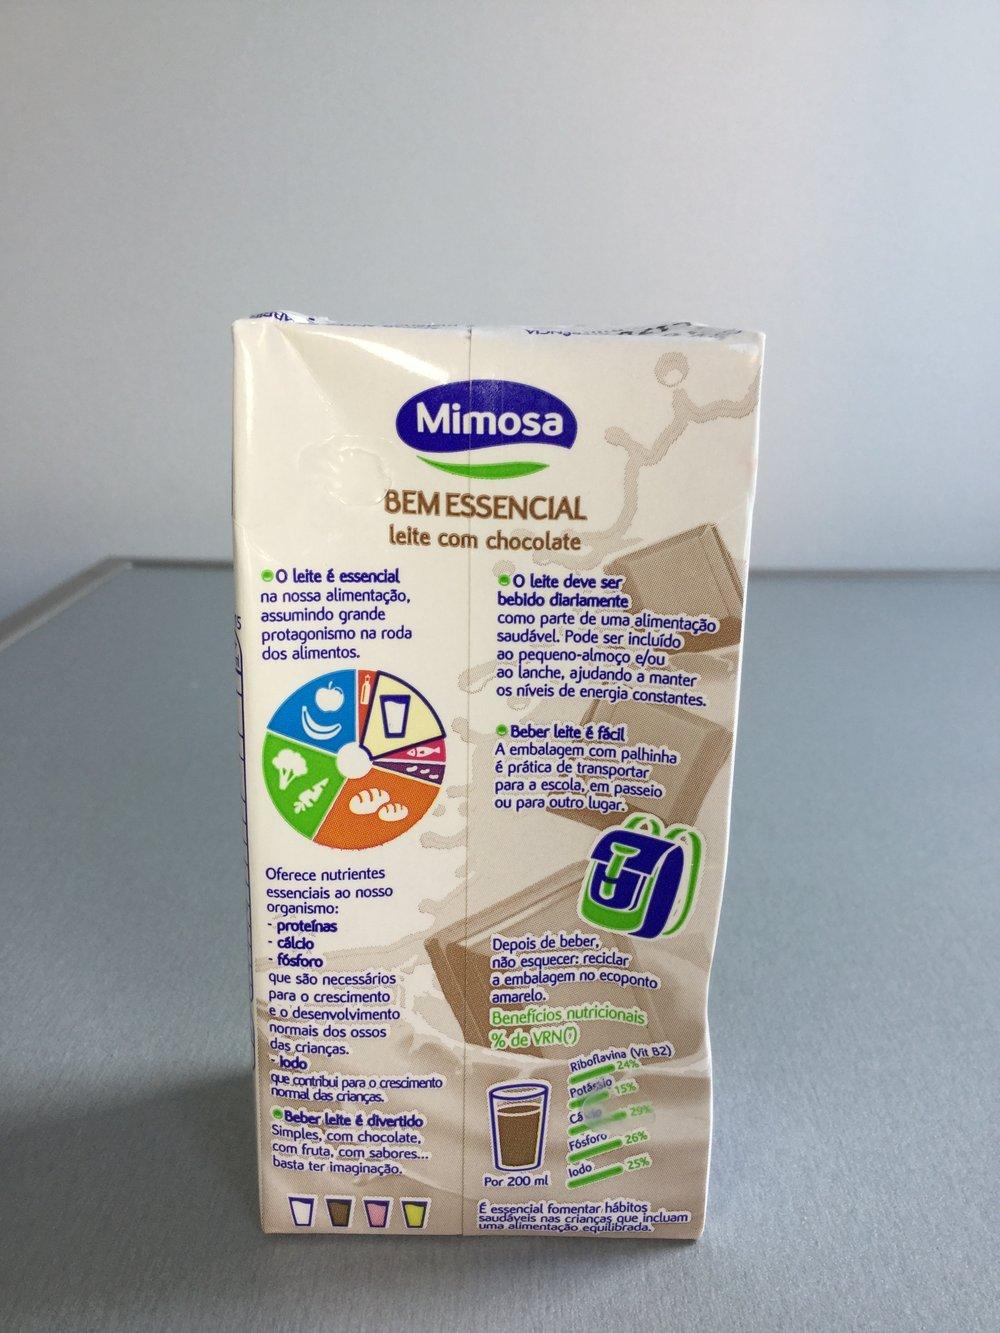 Mimosa Bem Essencial Leite Com Chocolate Side 3